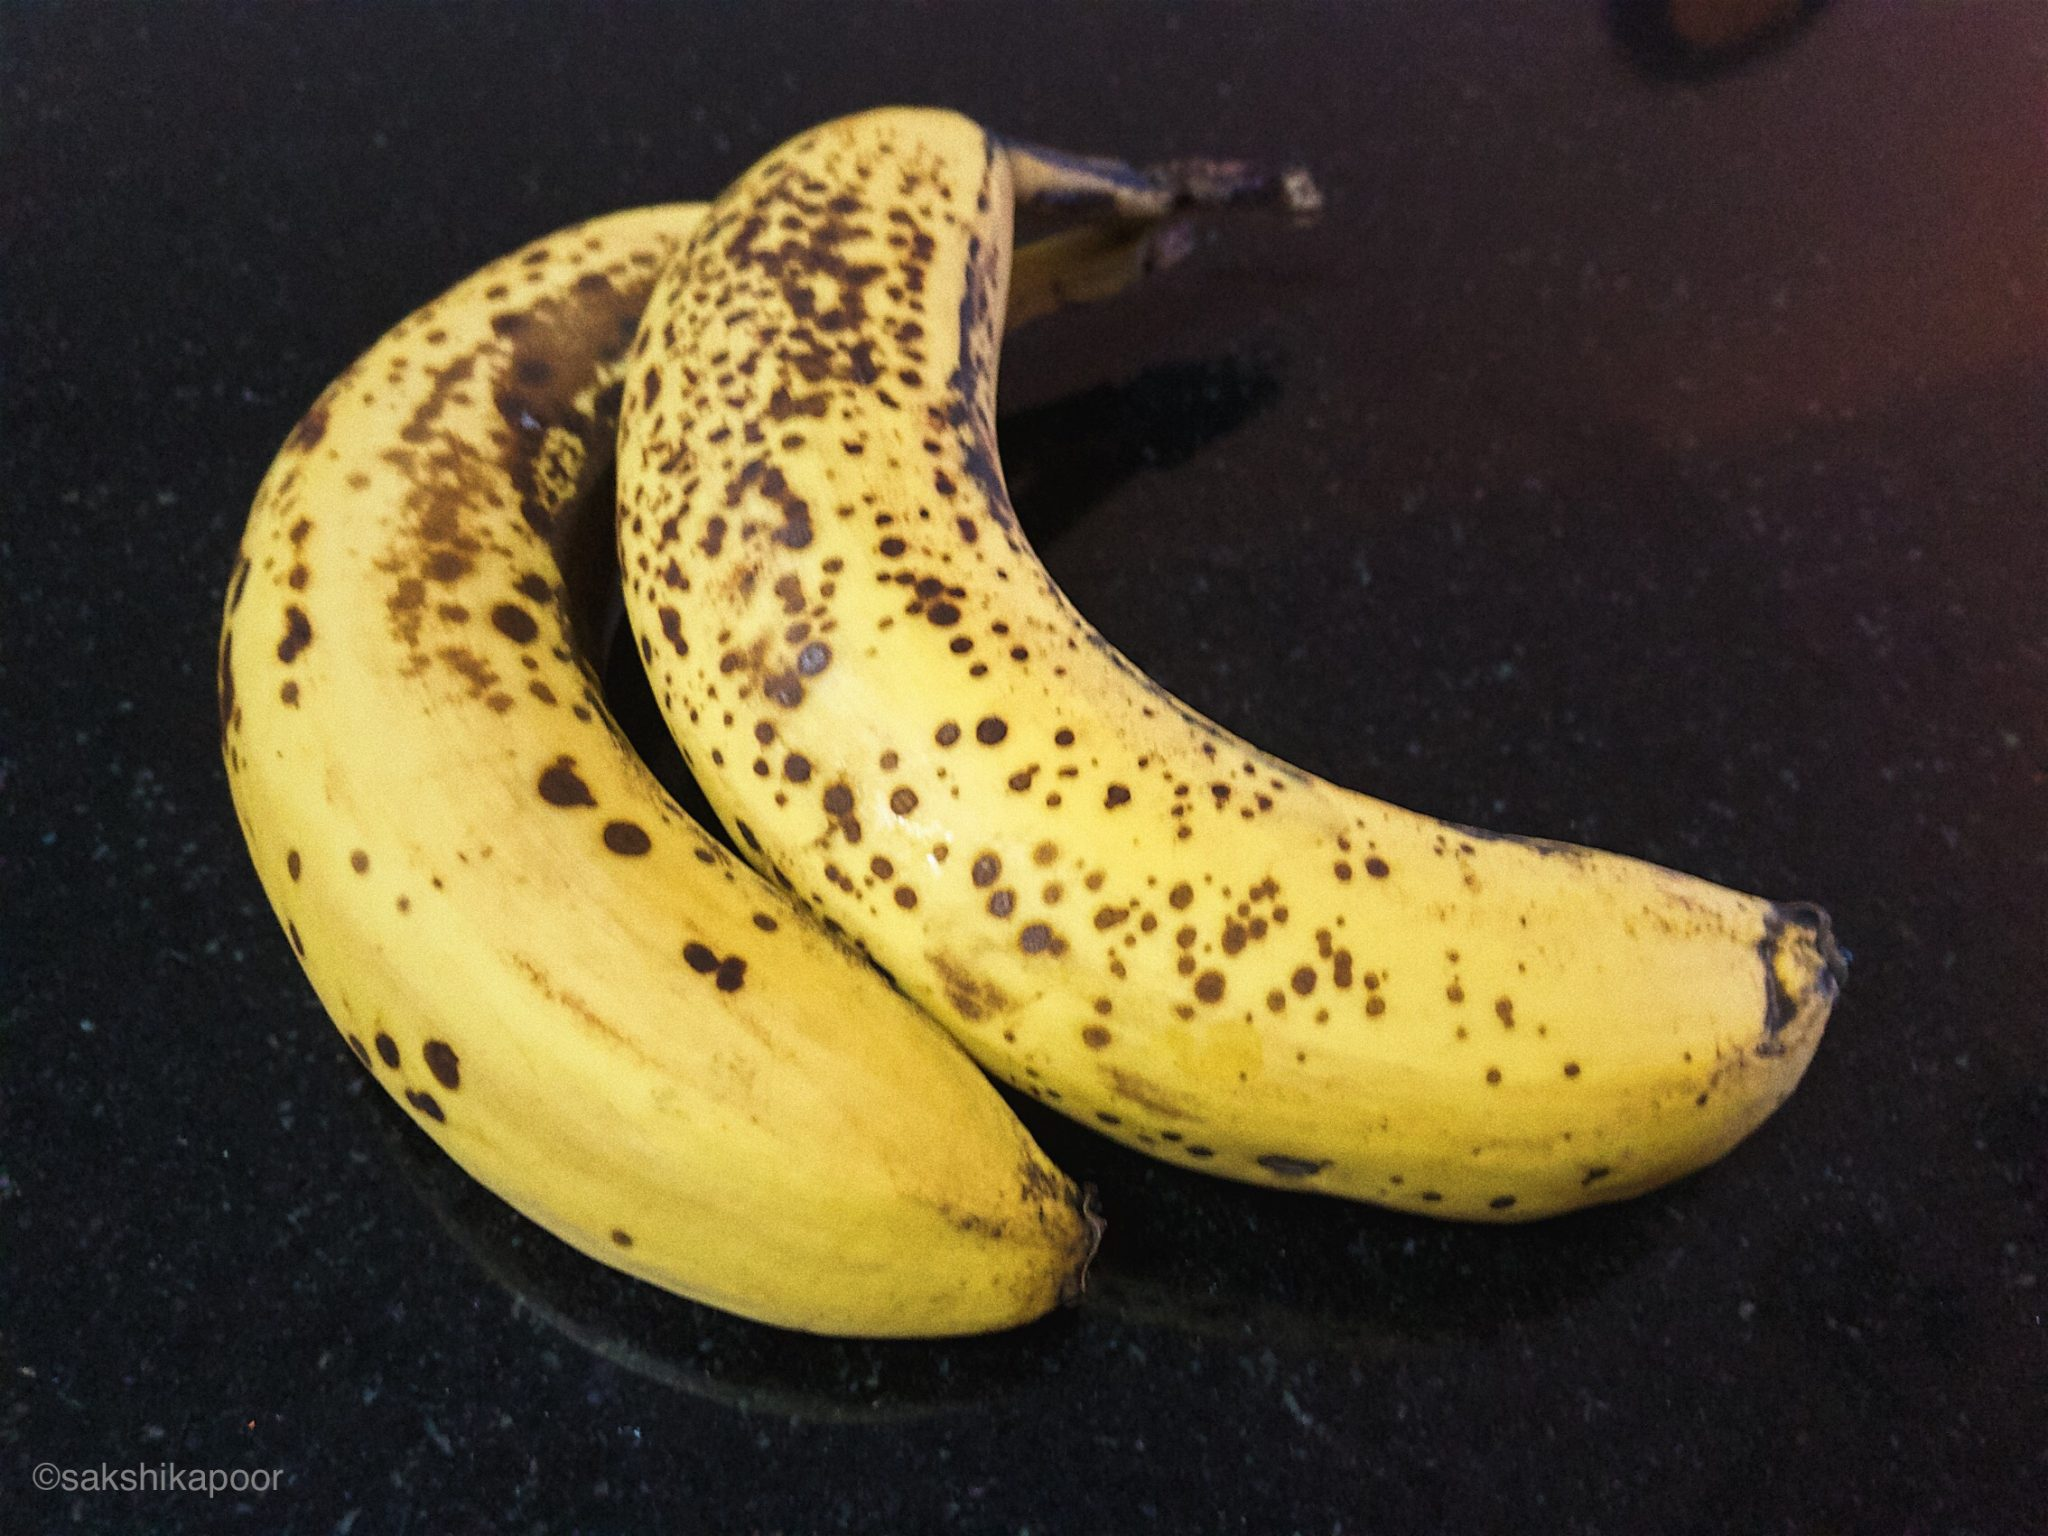 How to make frozen banana ice cream